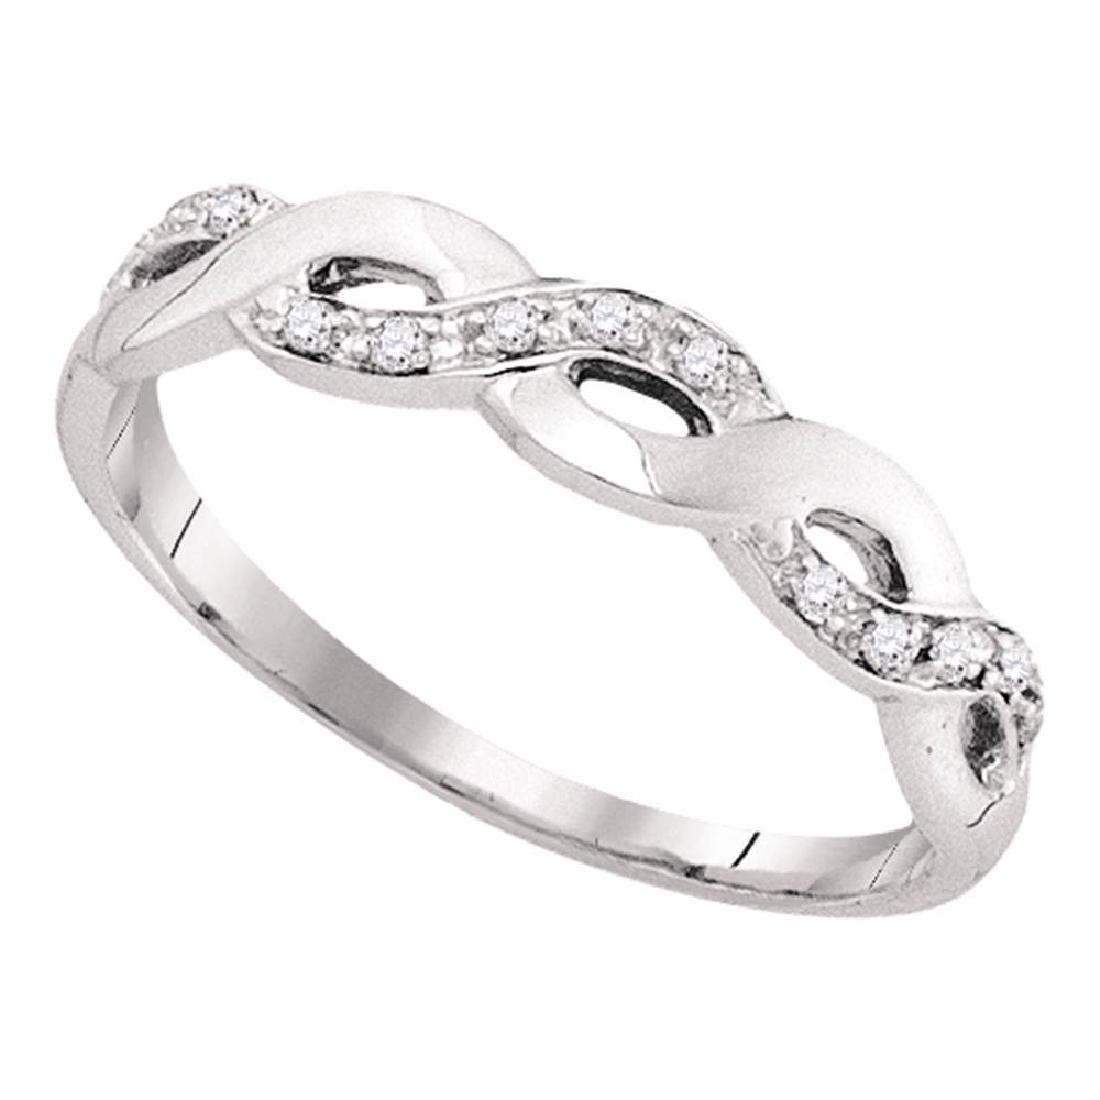 0.08 CTW Diamond Woven Ring 10KT White Gold - REF-8F9N